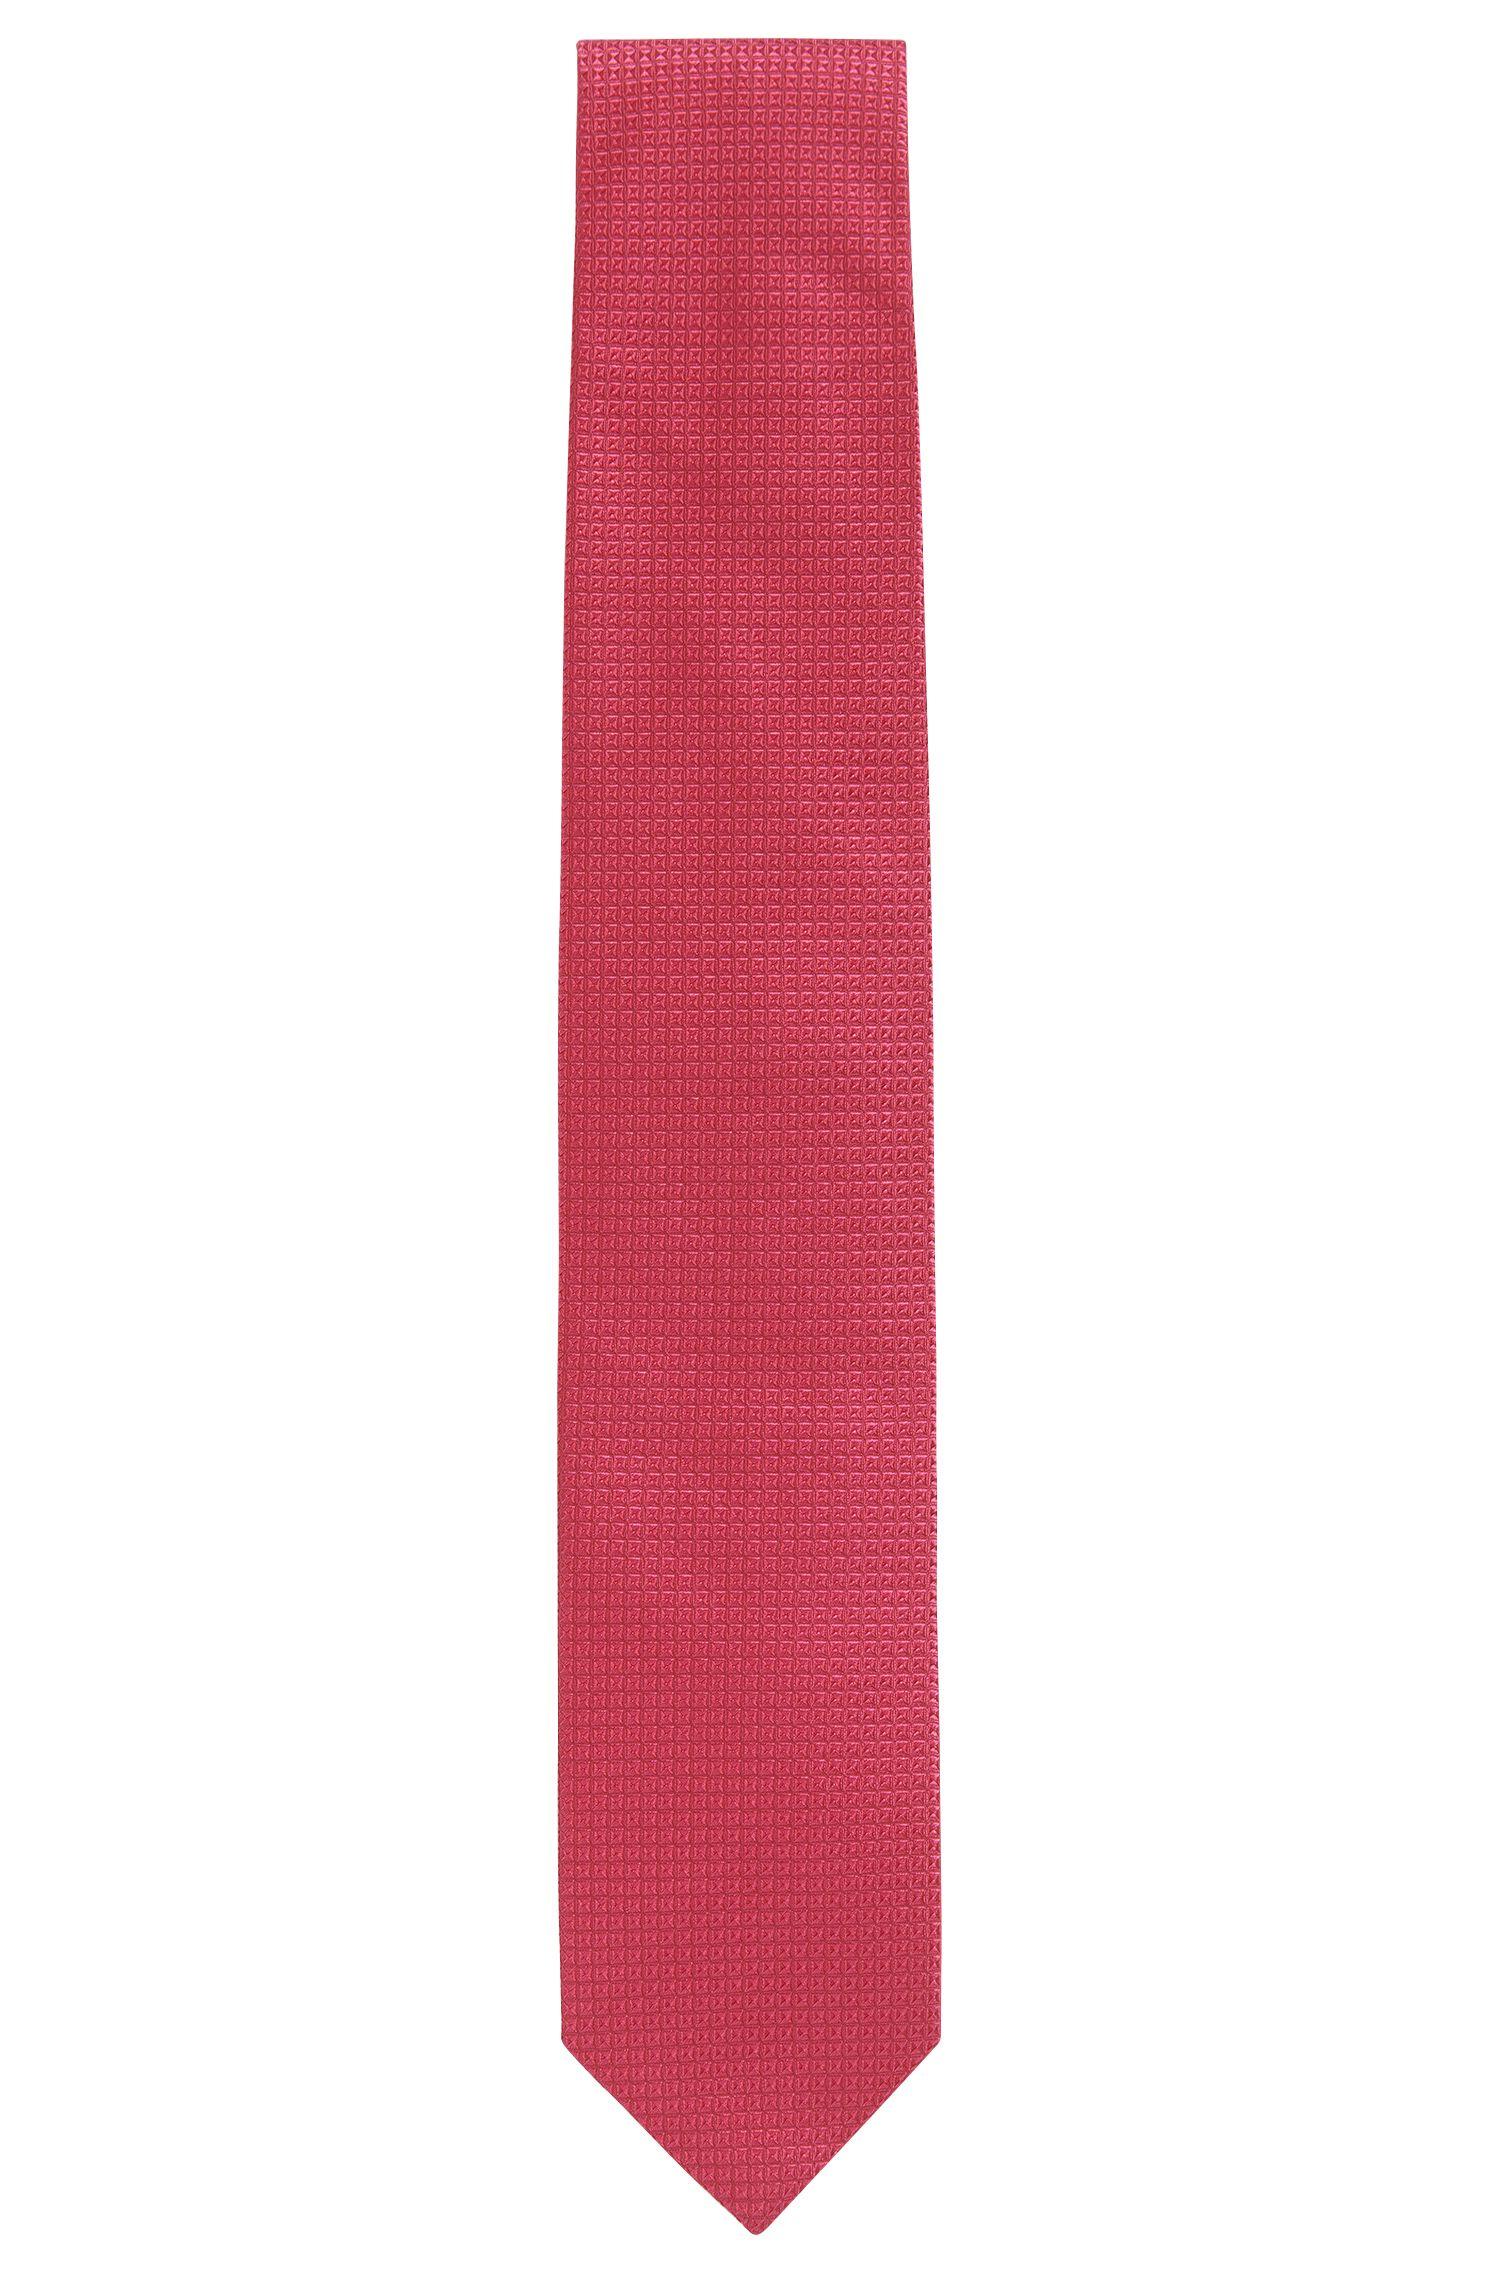 Microdiamond Italian Silk Tie, Red